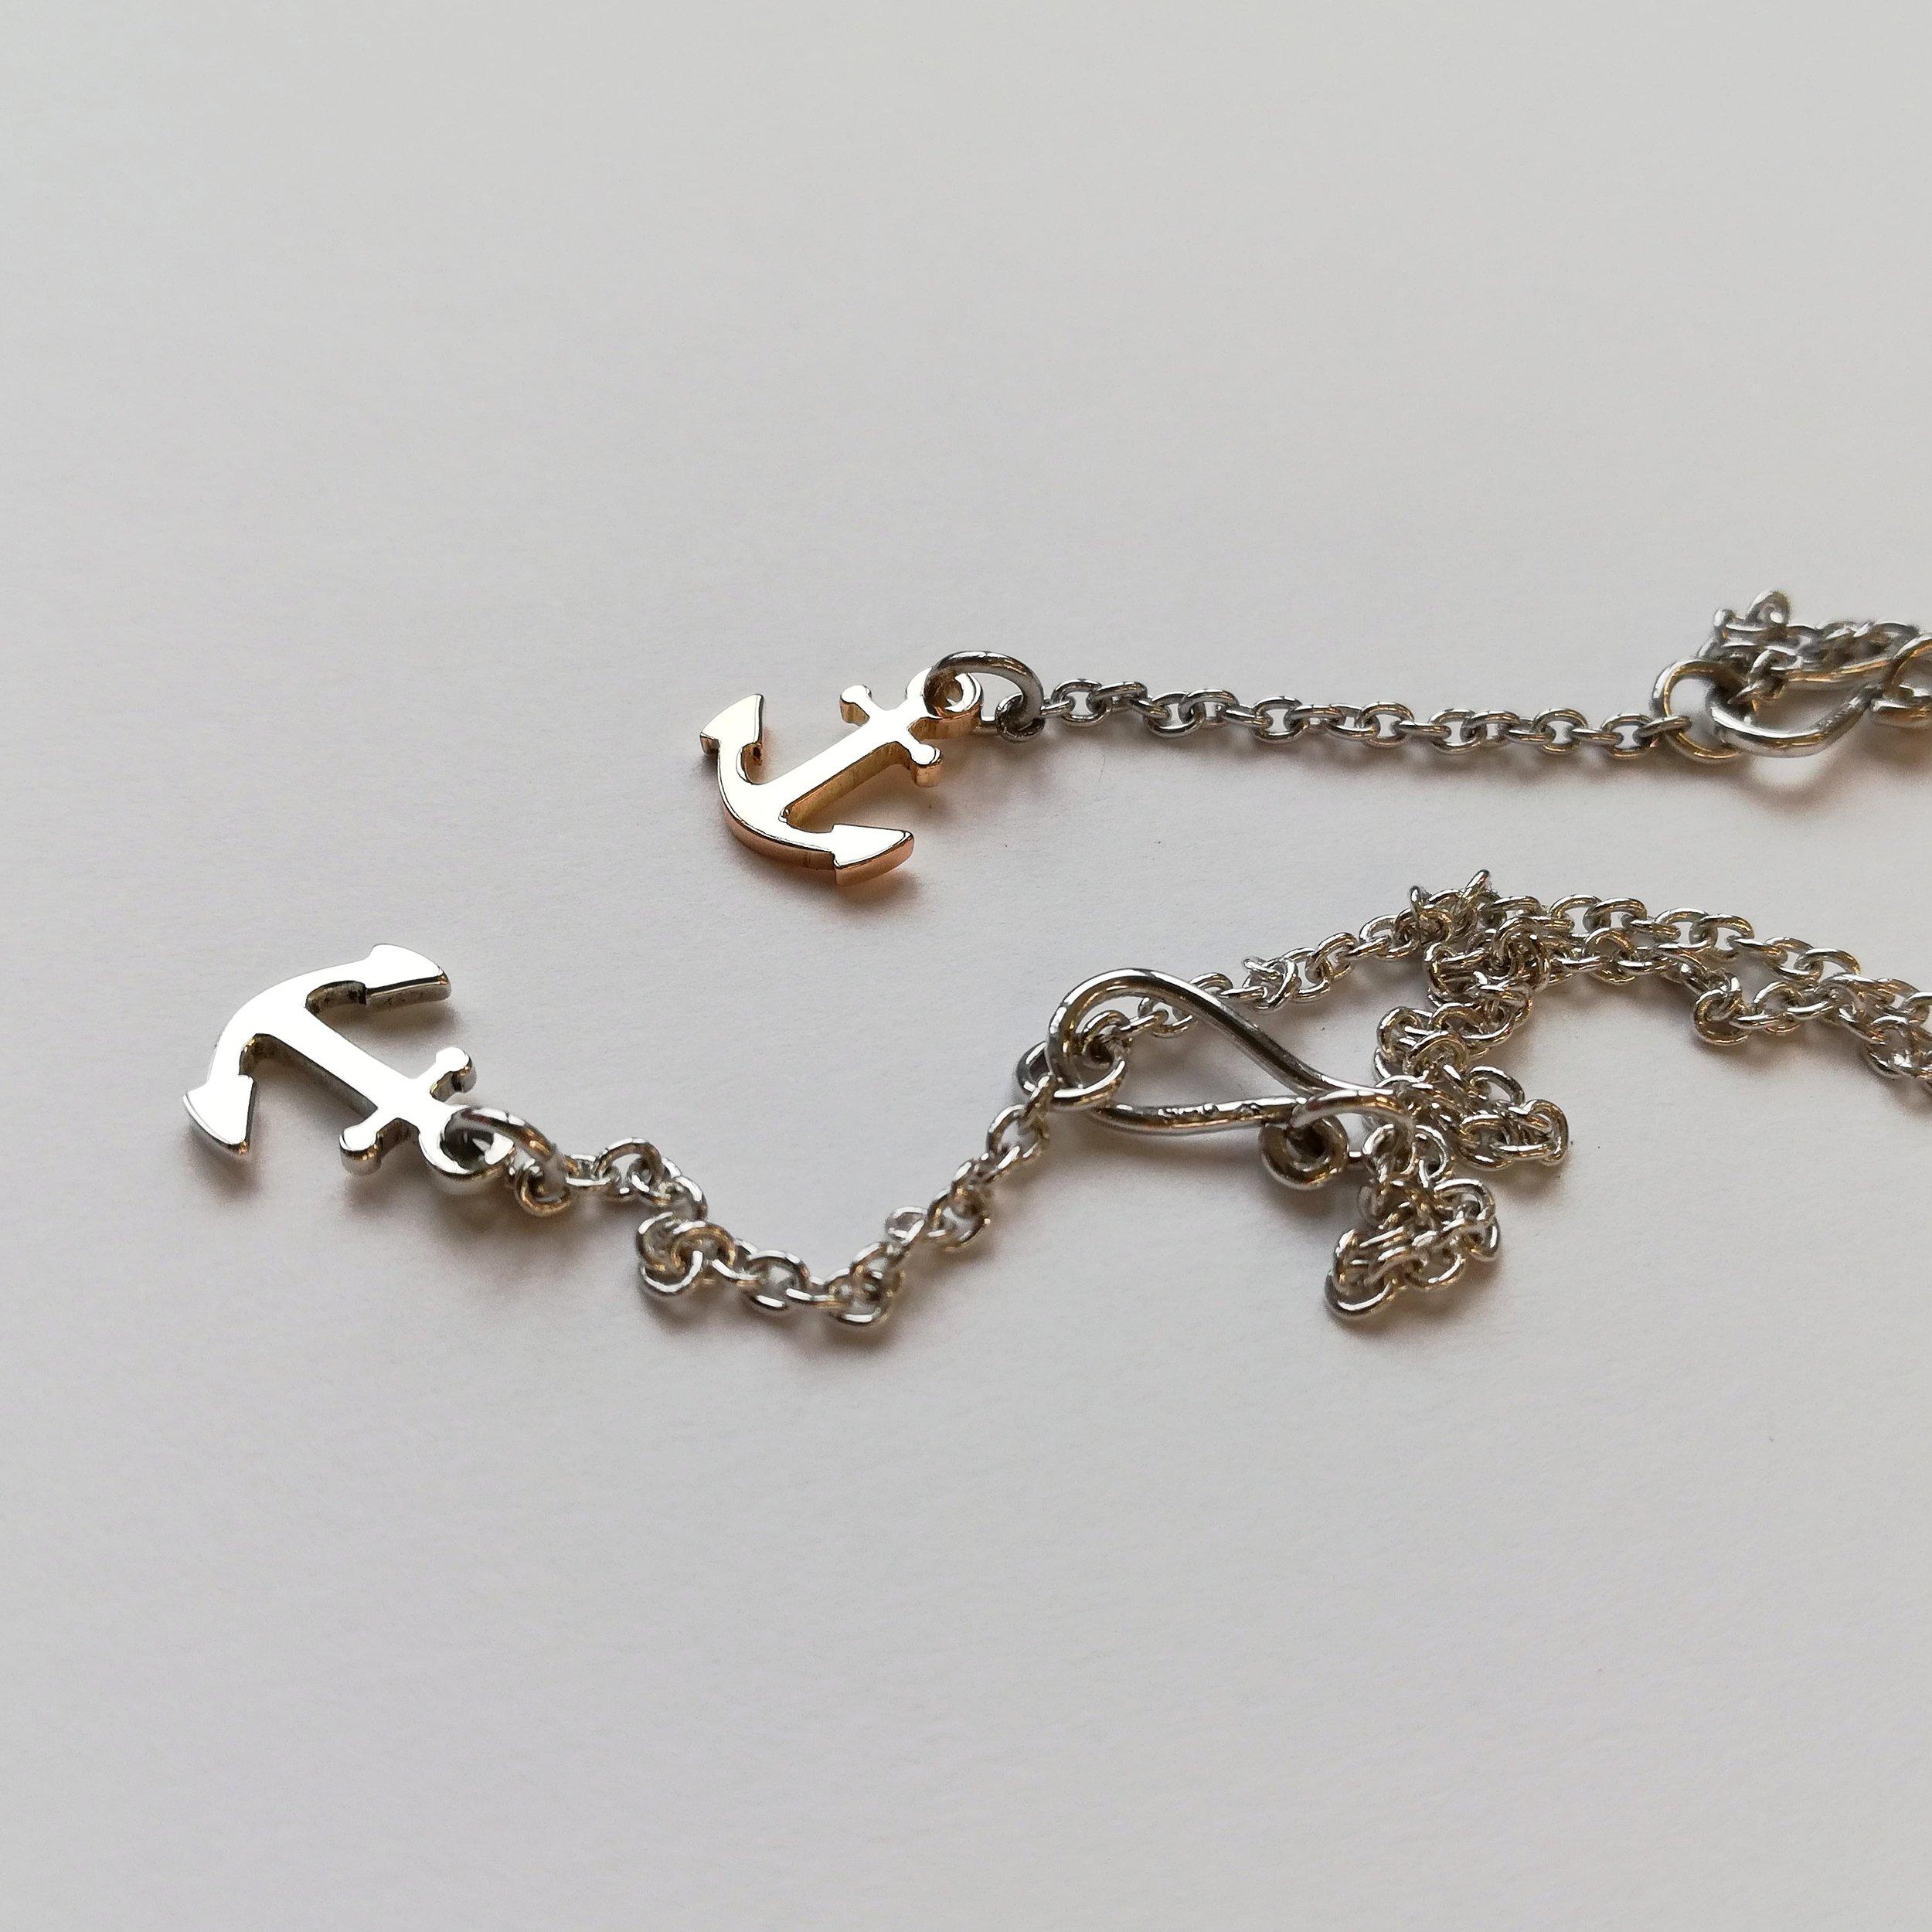 Halsschmuck No.6 - Anker Rotgold 750 / Fr. 270.00Anker Silber 925 / Fr. 150.00